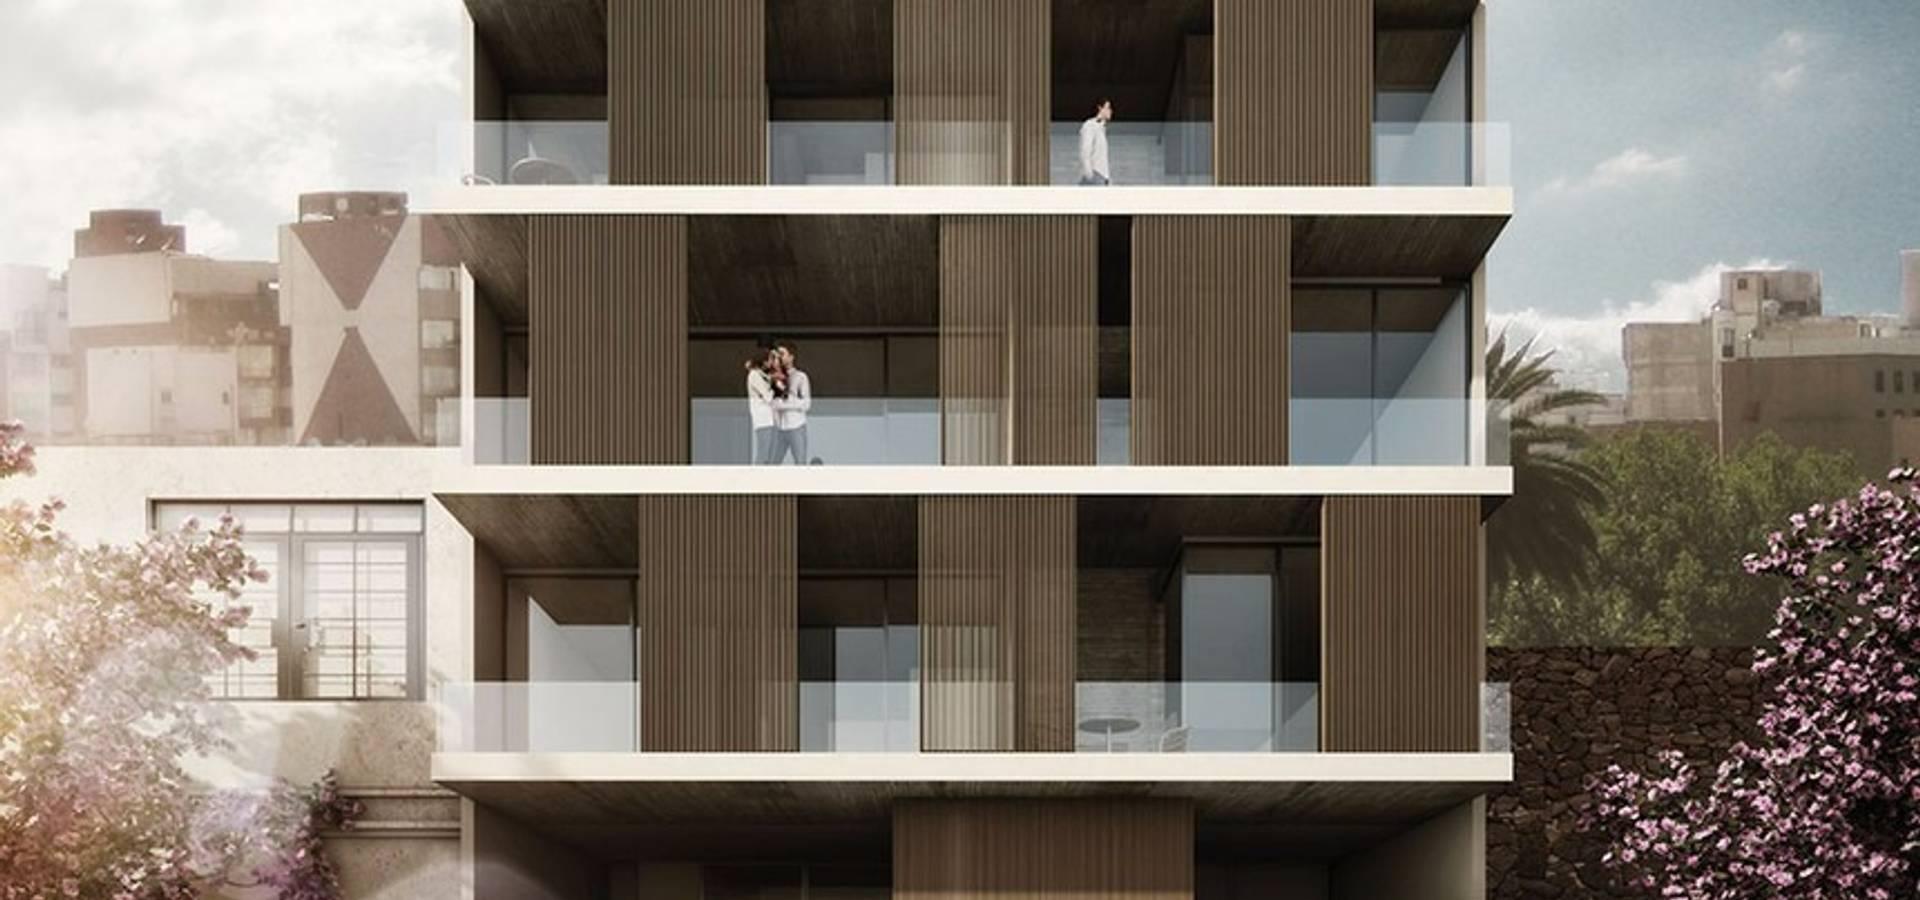 Arquitectos Asociados Rodriguez